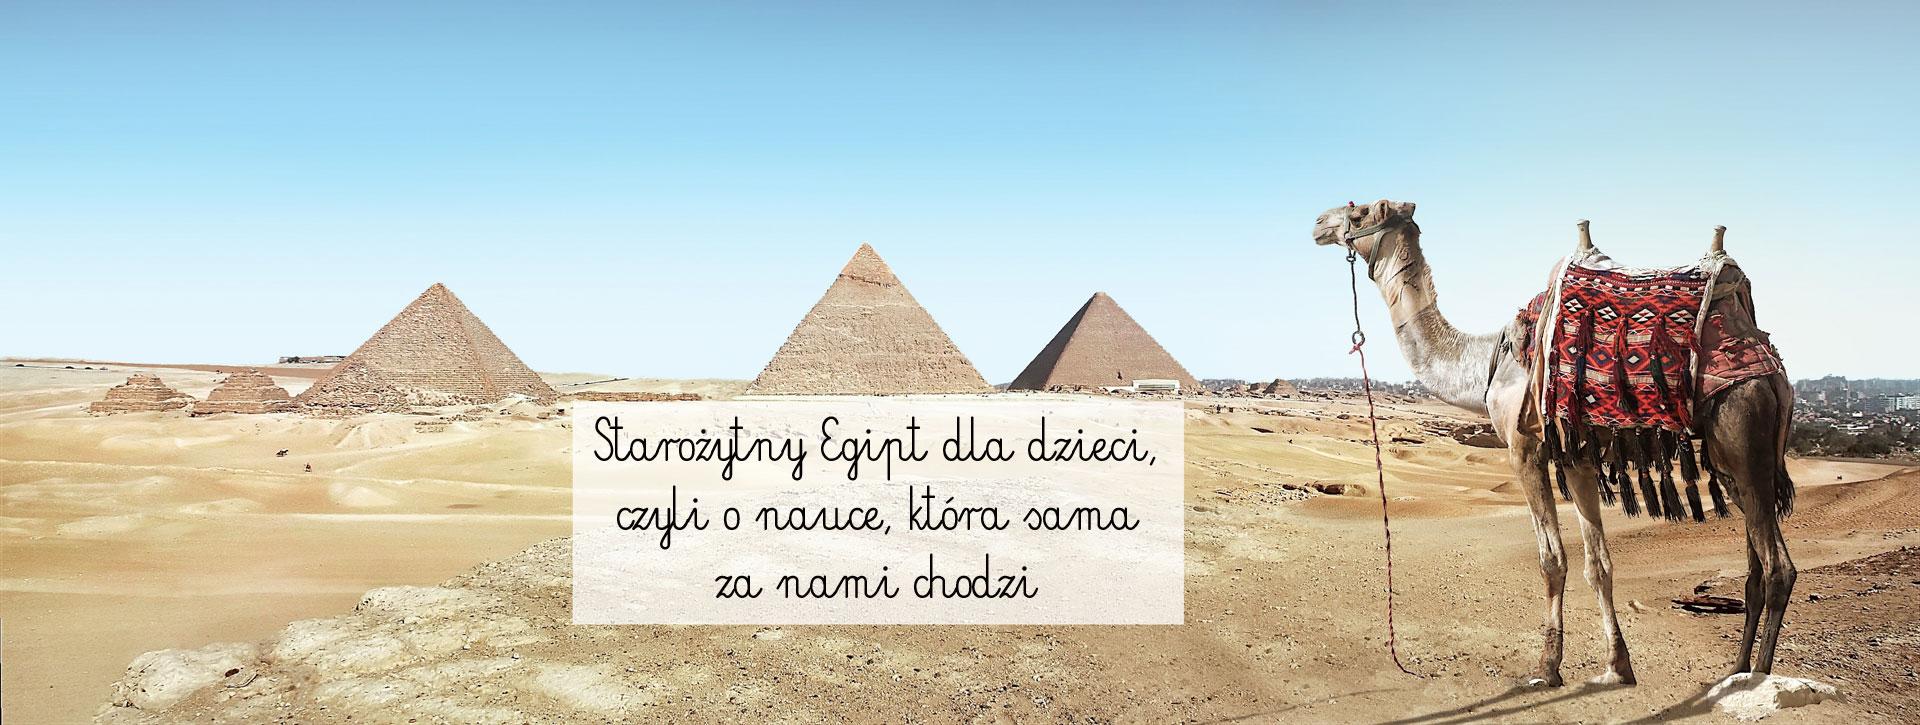 egipt-dla-dzieci-edukacja-naturalna